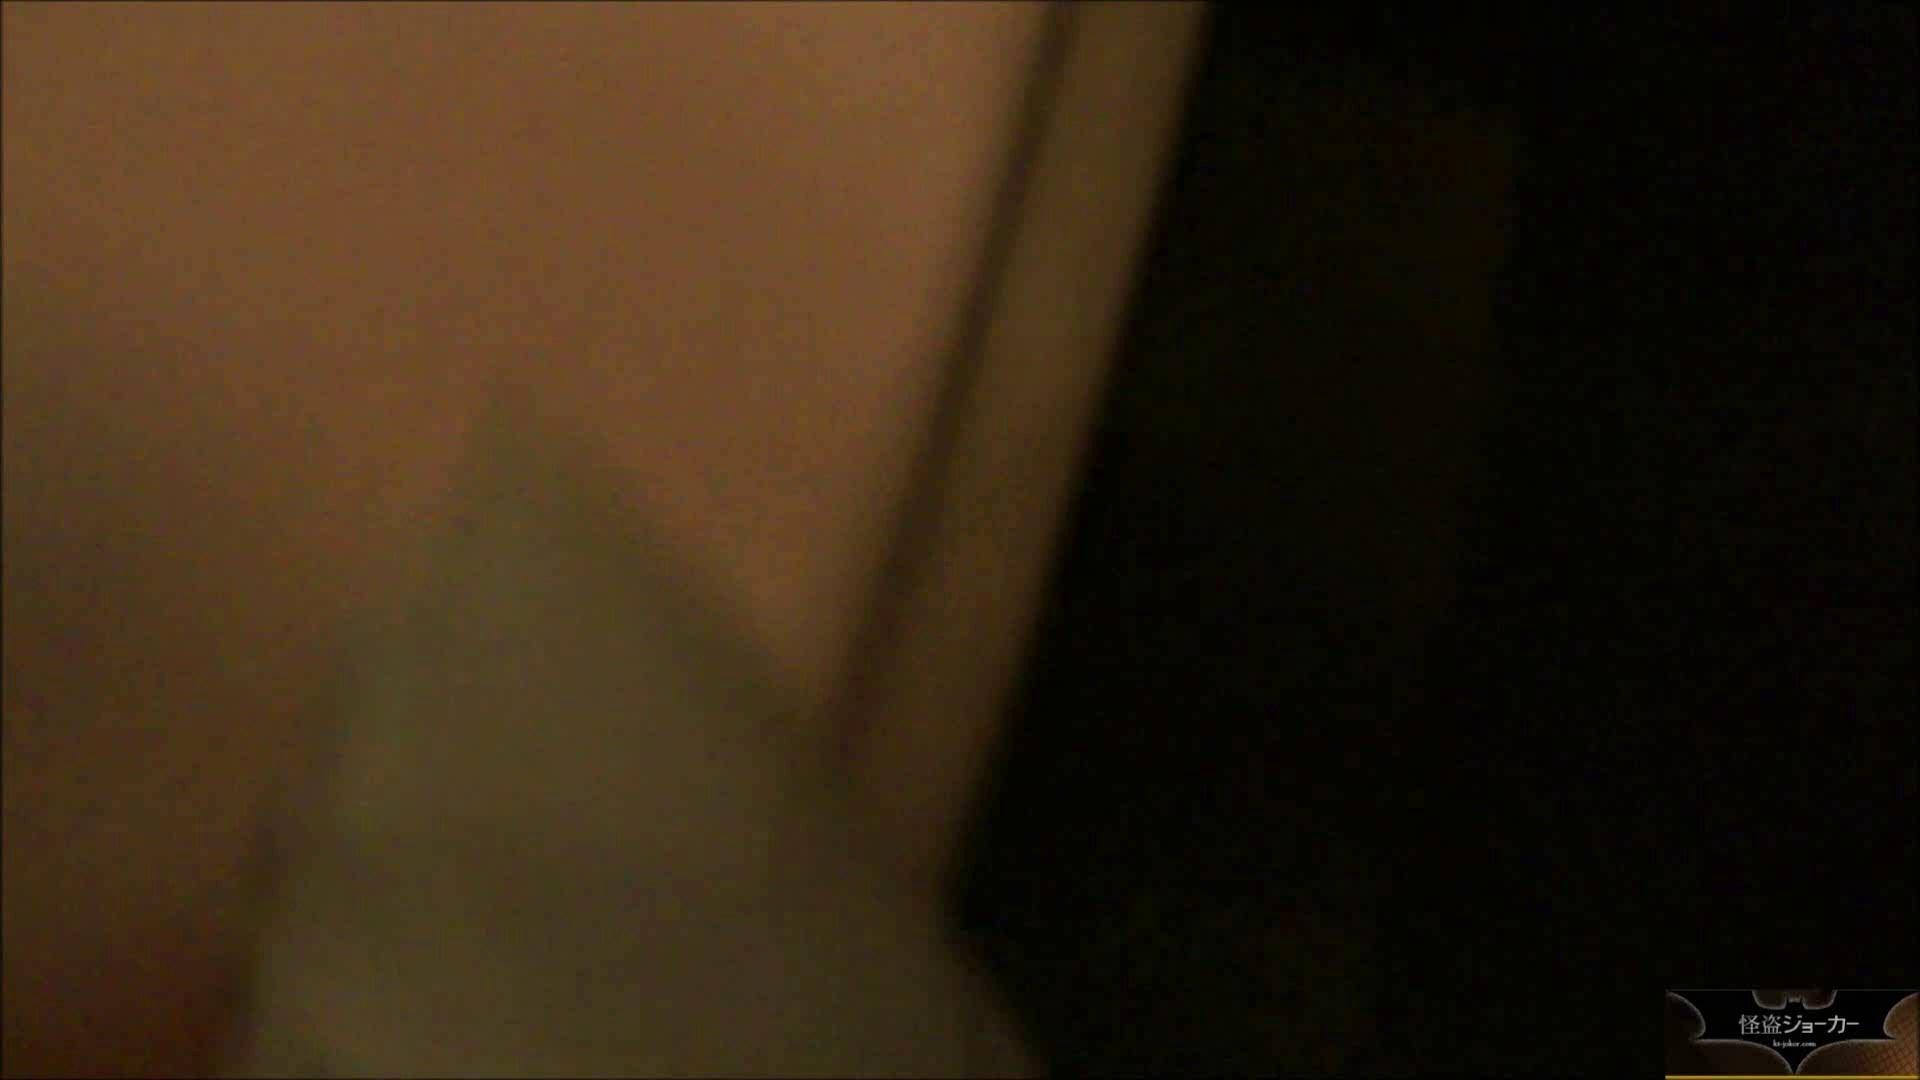 【未公開】vol.33 【援助】朋葉ちゃん、潮吹き、乱れ・・・ OLの実態 覗きオメコ動画キャプチャ 90pic 18